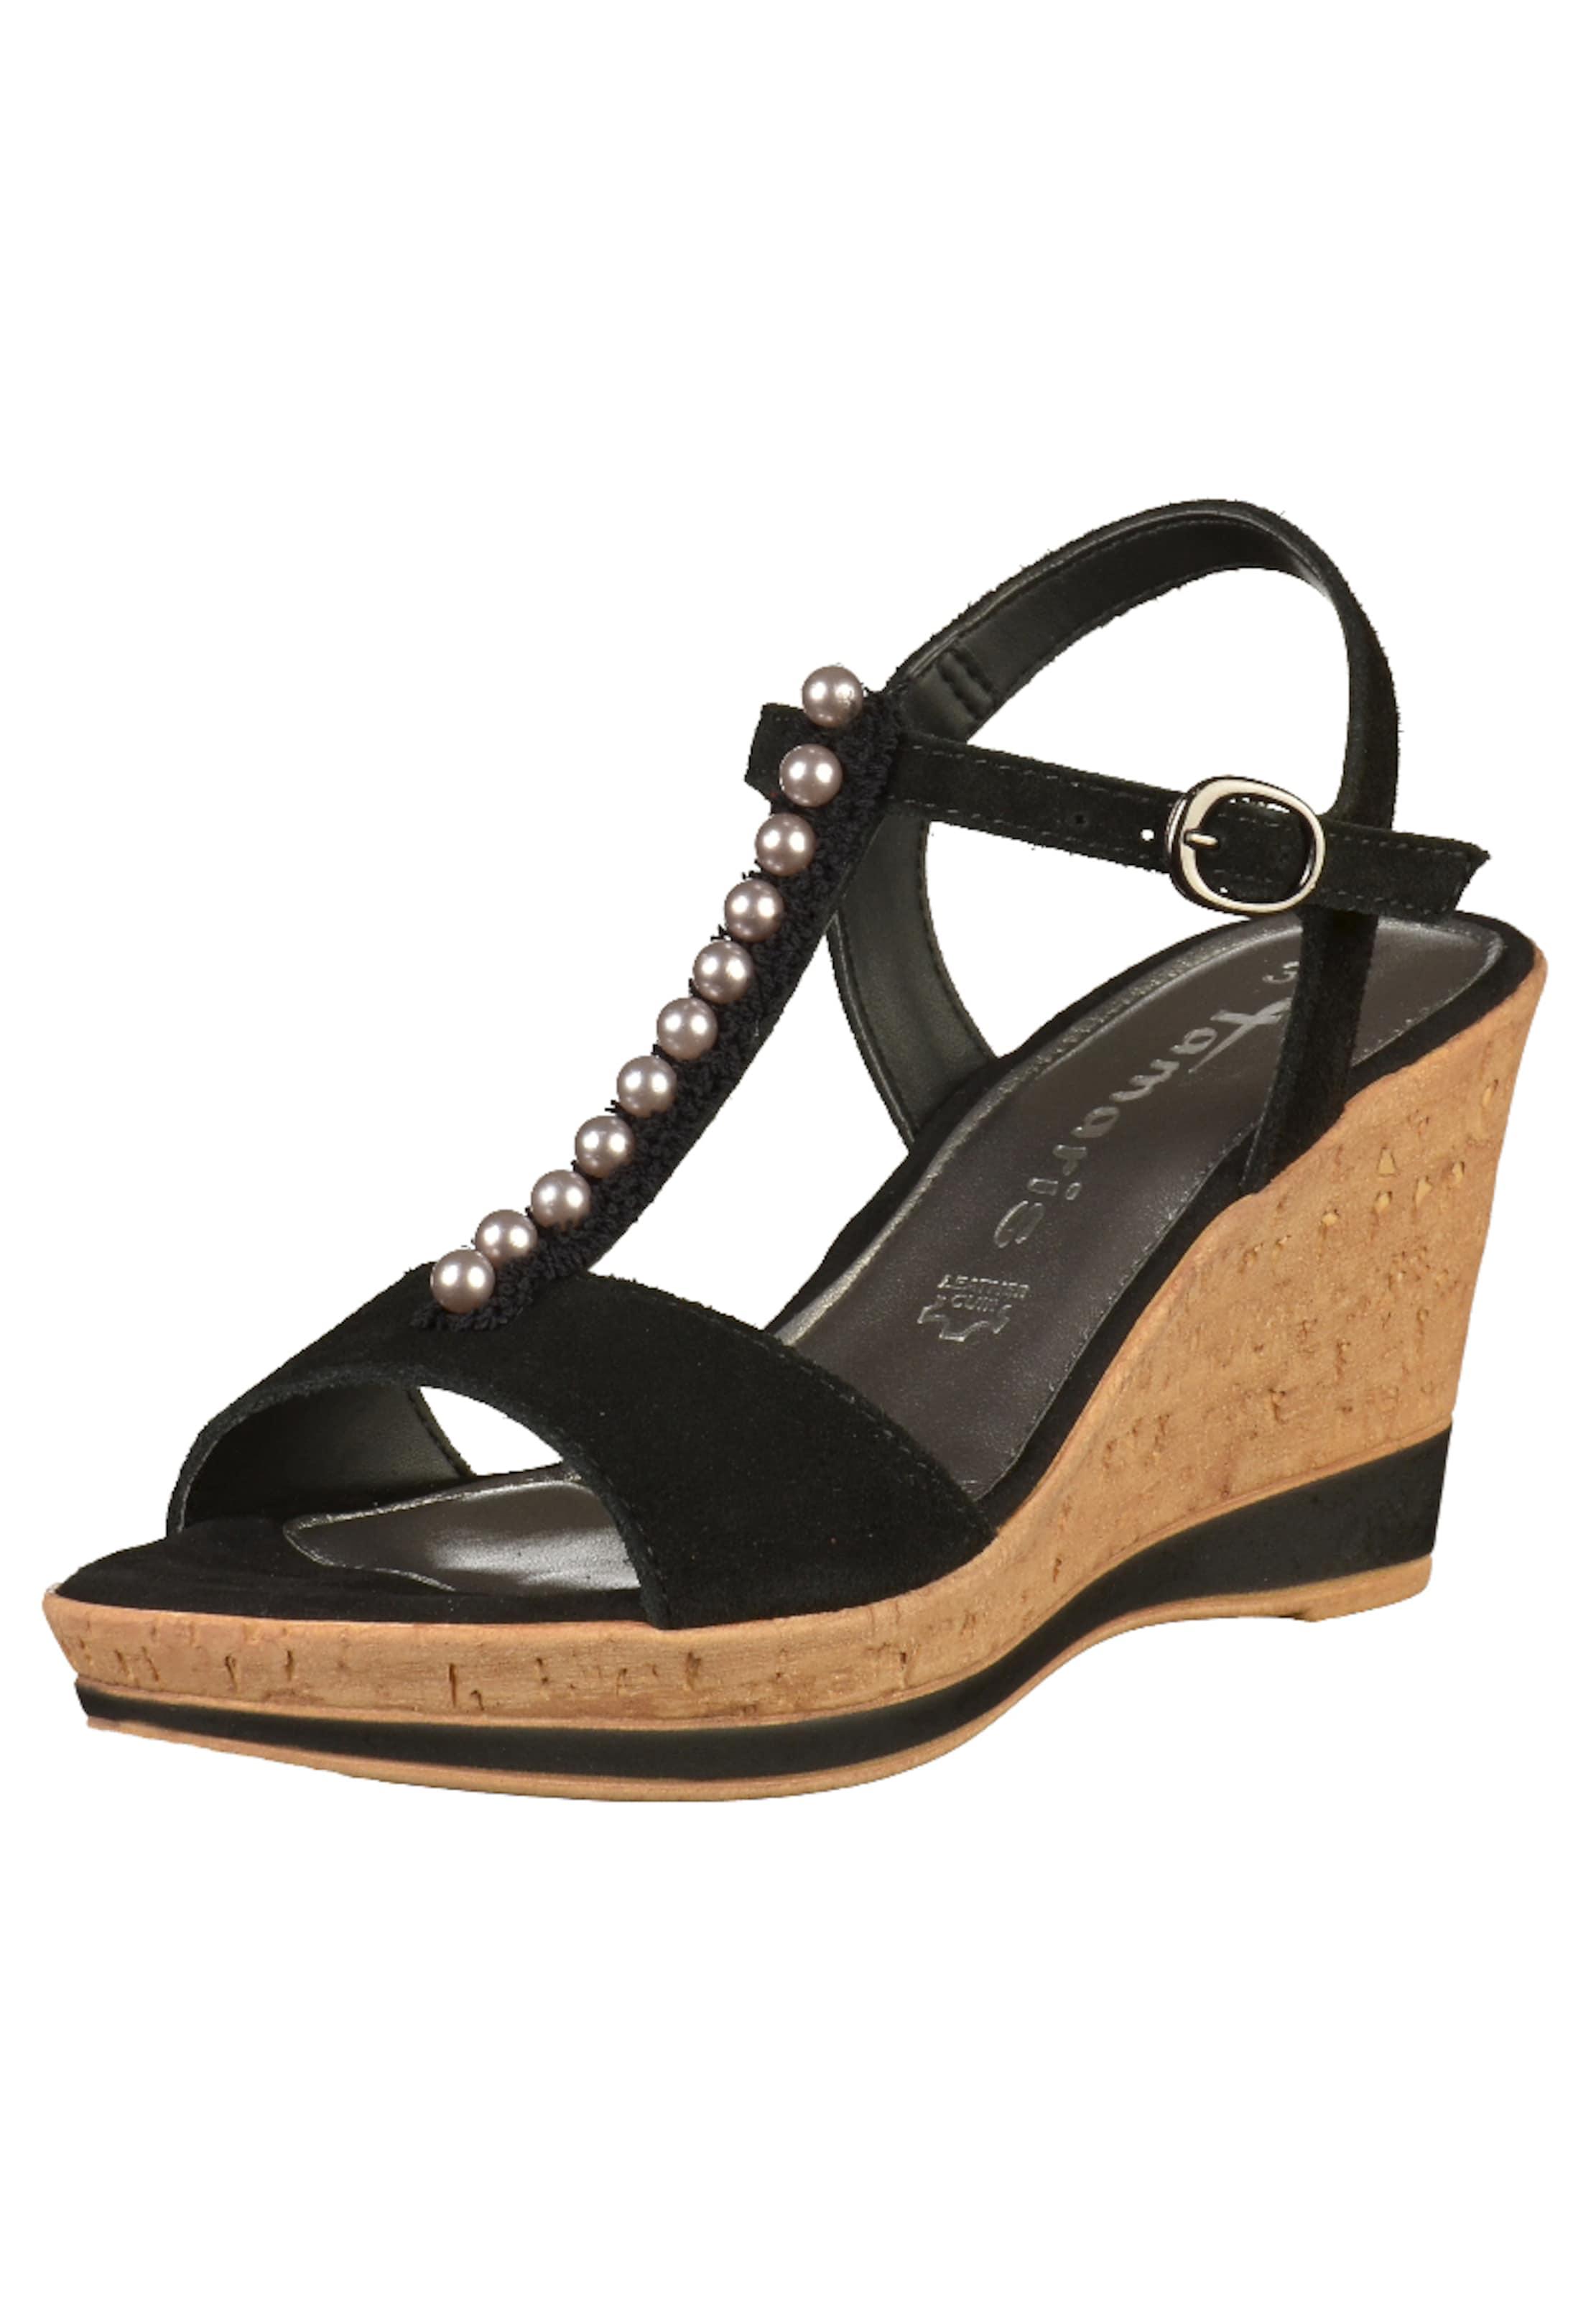 Sandales Tamaris Avec Ceinture Noire NfNI6